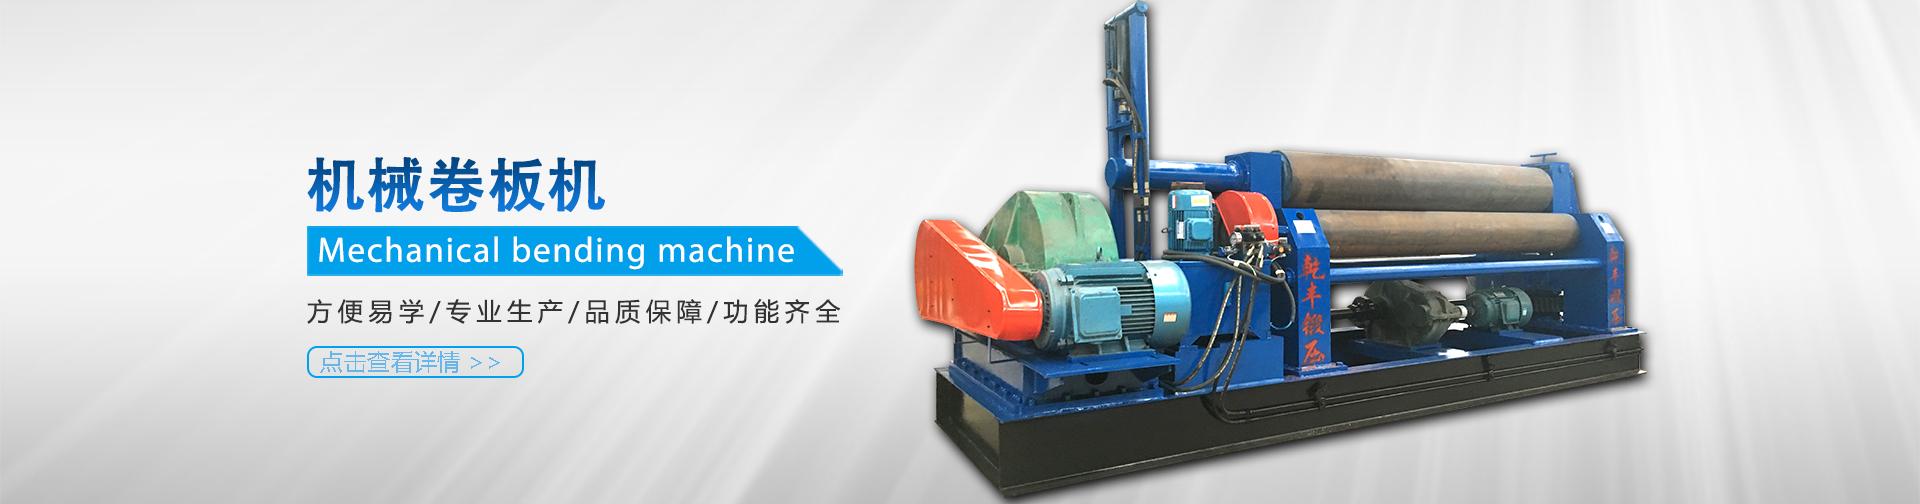 机械卷板机